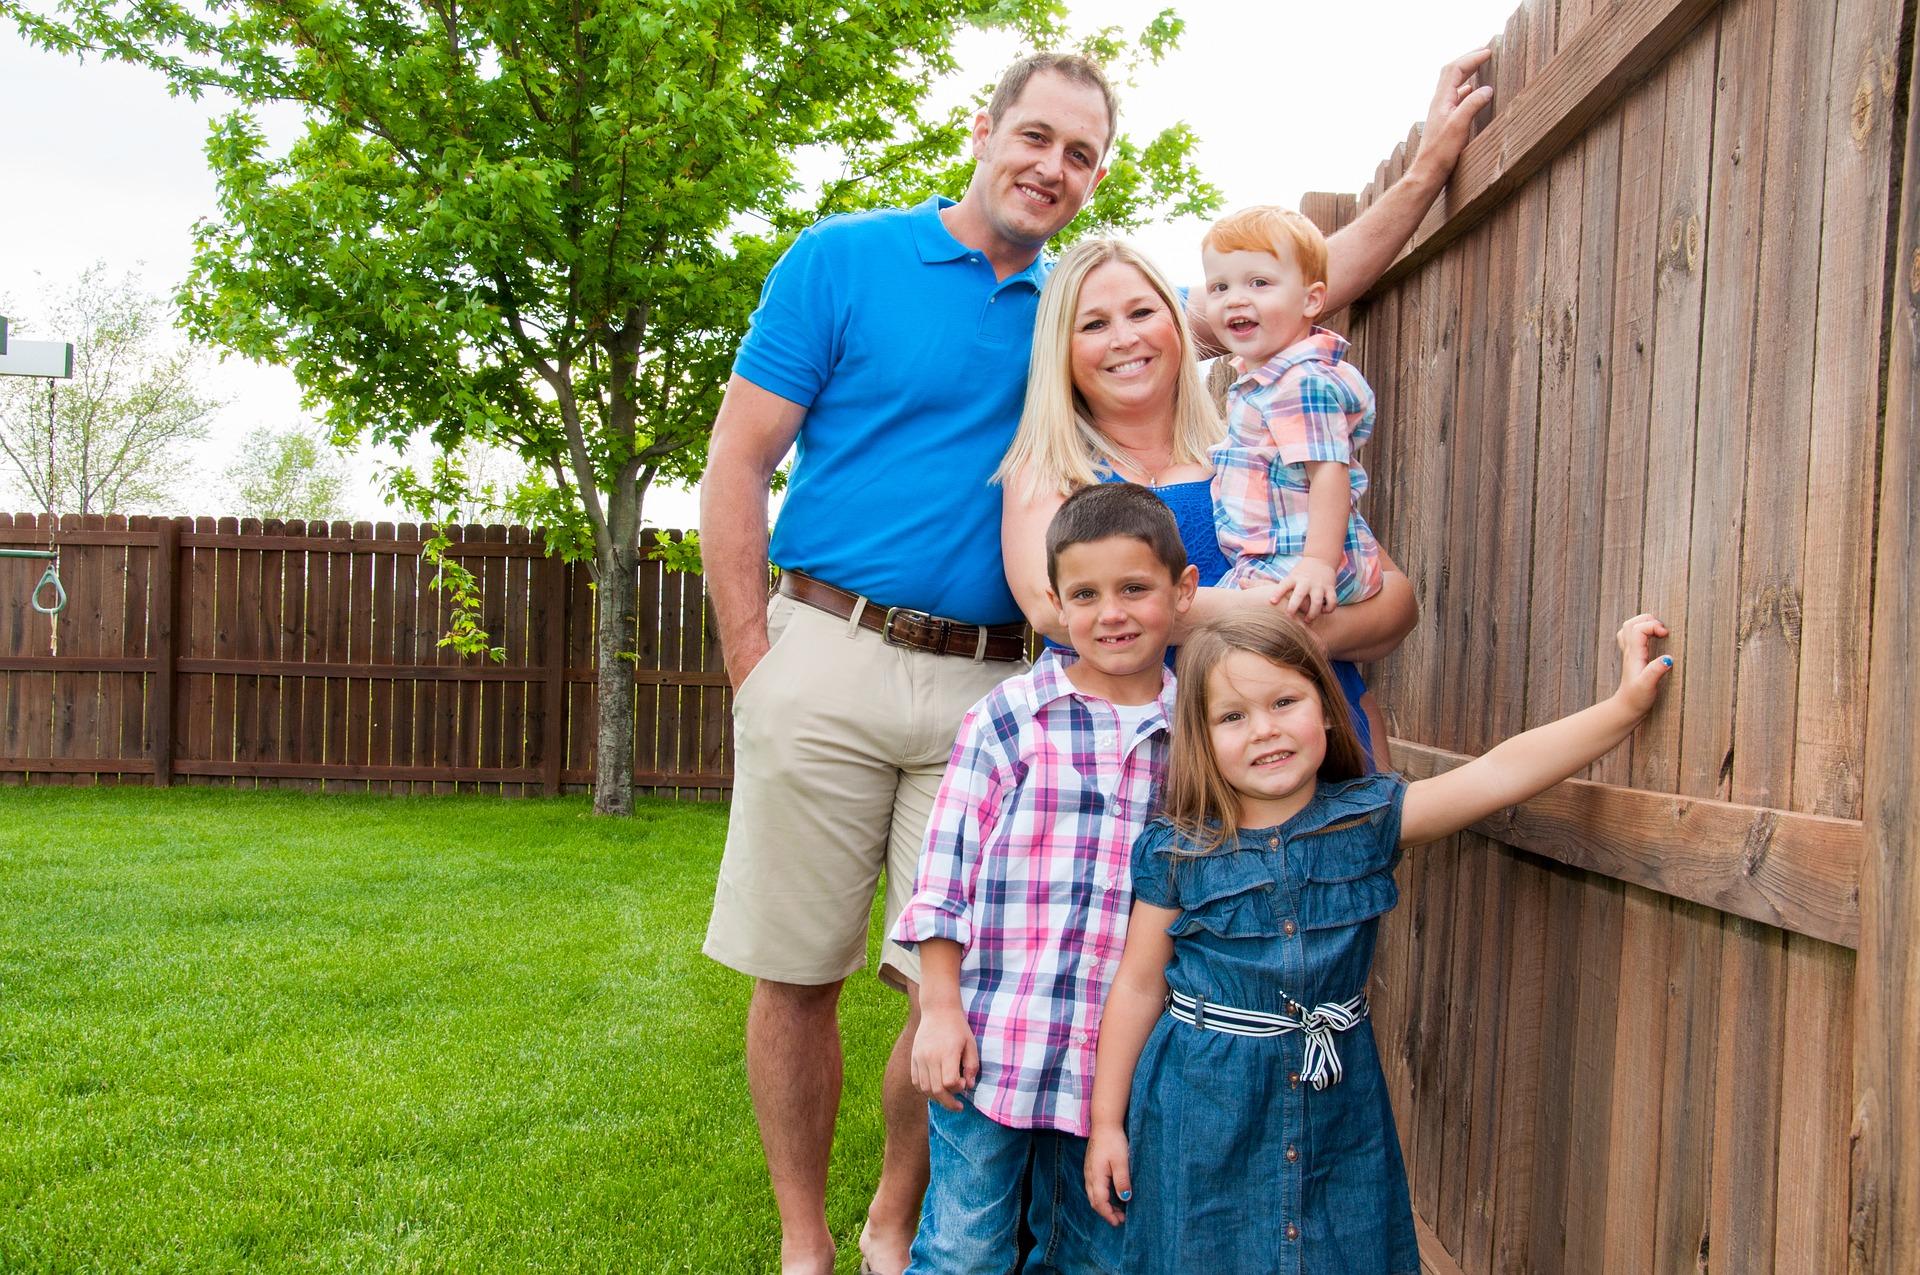 ФЗ 138 о предоставлении земельных участков многодетным семьям